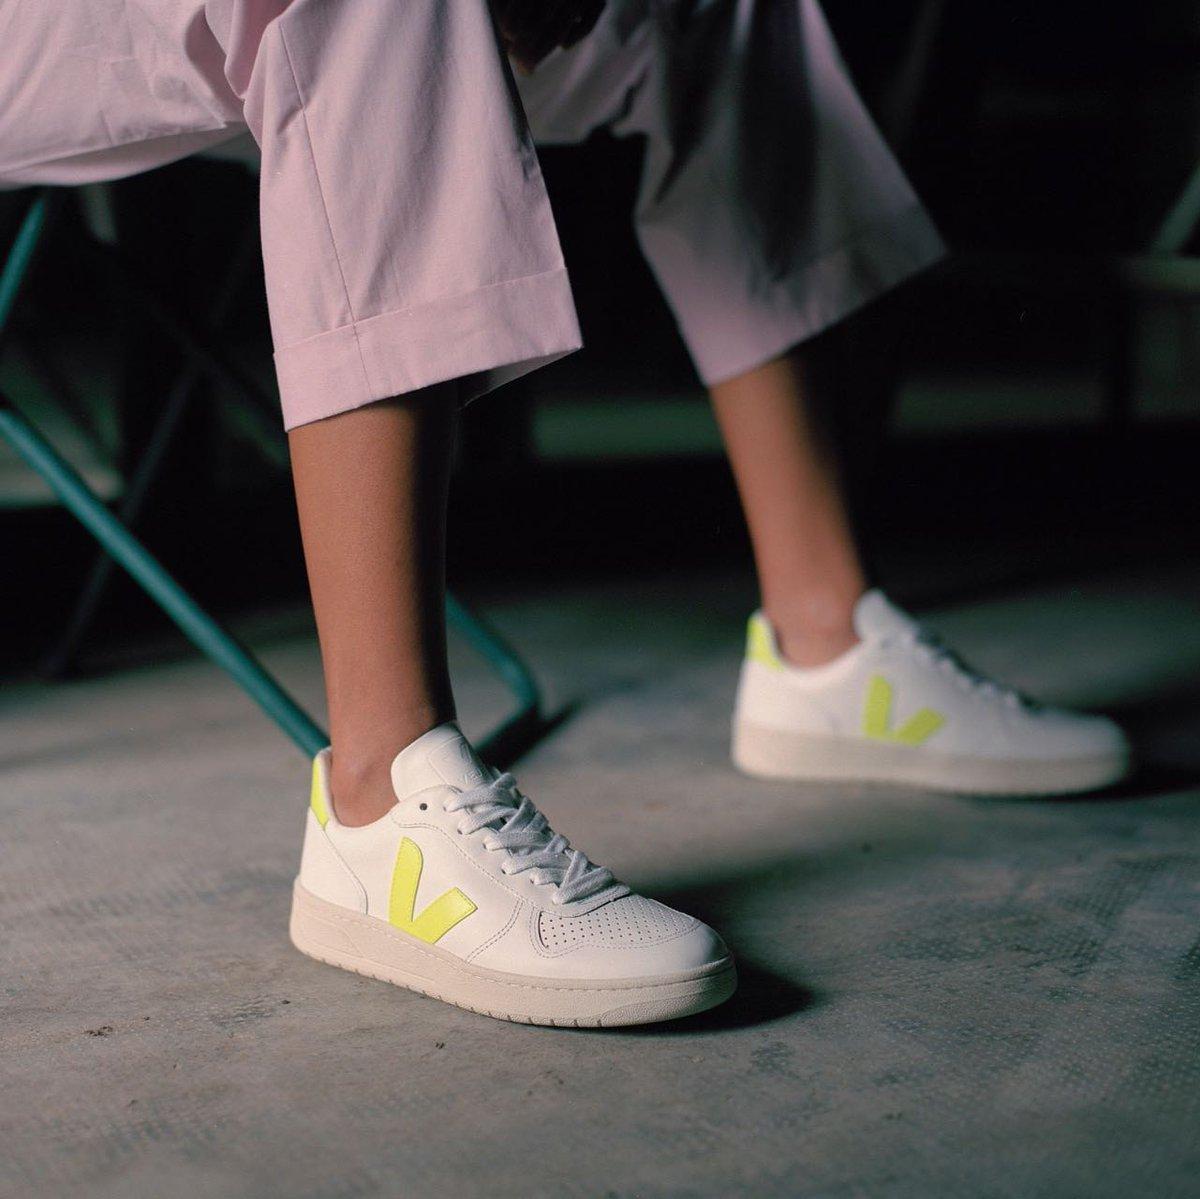 Deportiva en color blanco y verde flúor con cordón.  Disponible en nuestra web de la talla 36 a la 40. 💚  https://t.co/aMZehwkA1E  #pepaycris #jeromin #veja #deportivas #sneakers #vejashoes #madrid #zapateria #santiagobernabeu #online https://t.co/Phz7y6evET